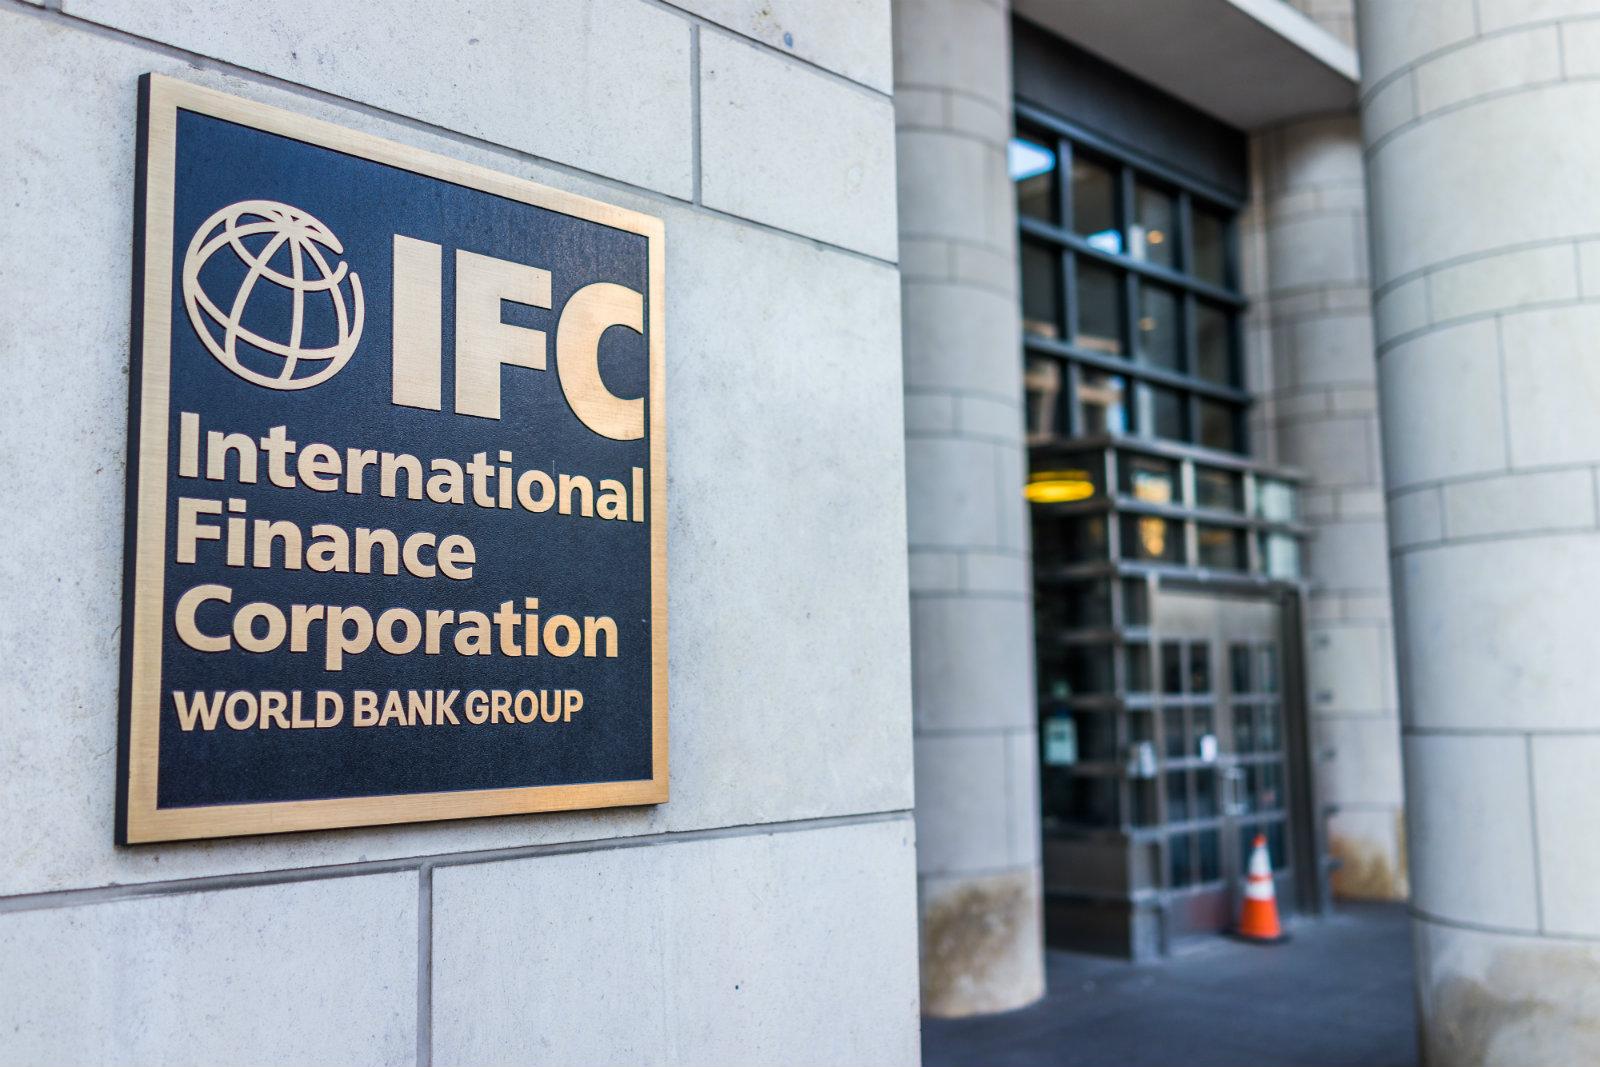 IFC, владеющая пакетами акций многих крупных коммерческих банков на развивающихся рынках планирует побудить инвесторов покинуть угольный сектор